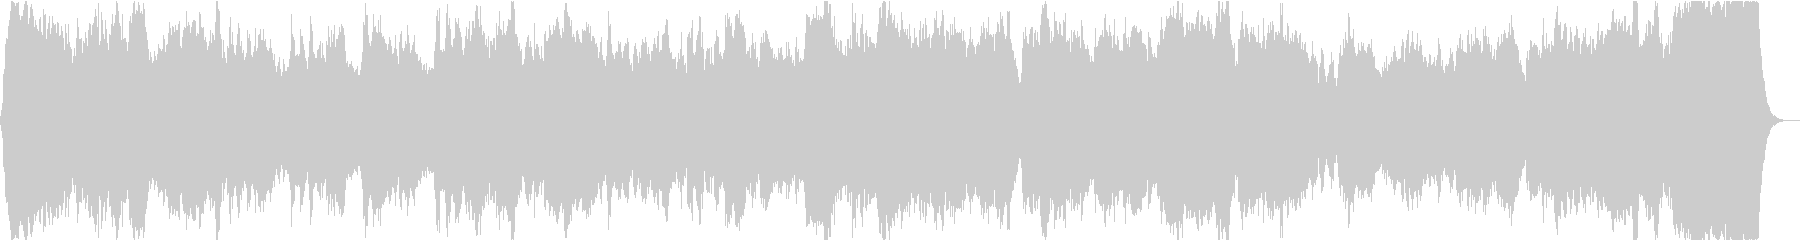 バロックなパイプオルガン曲の未再生の波形